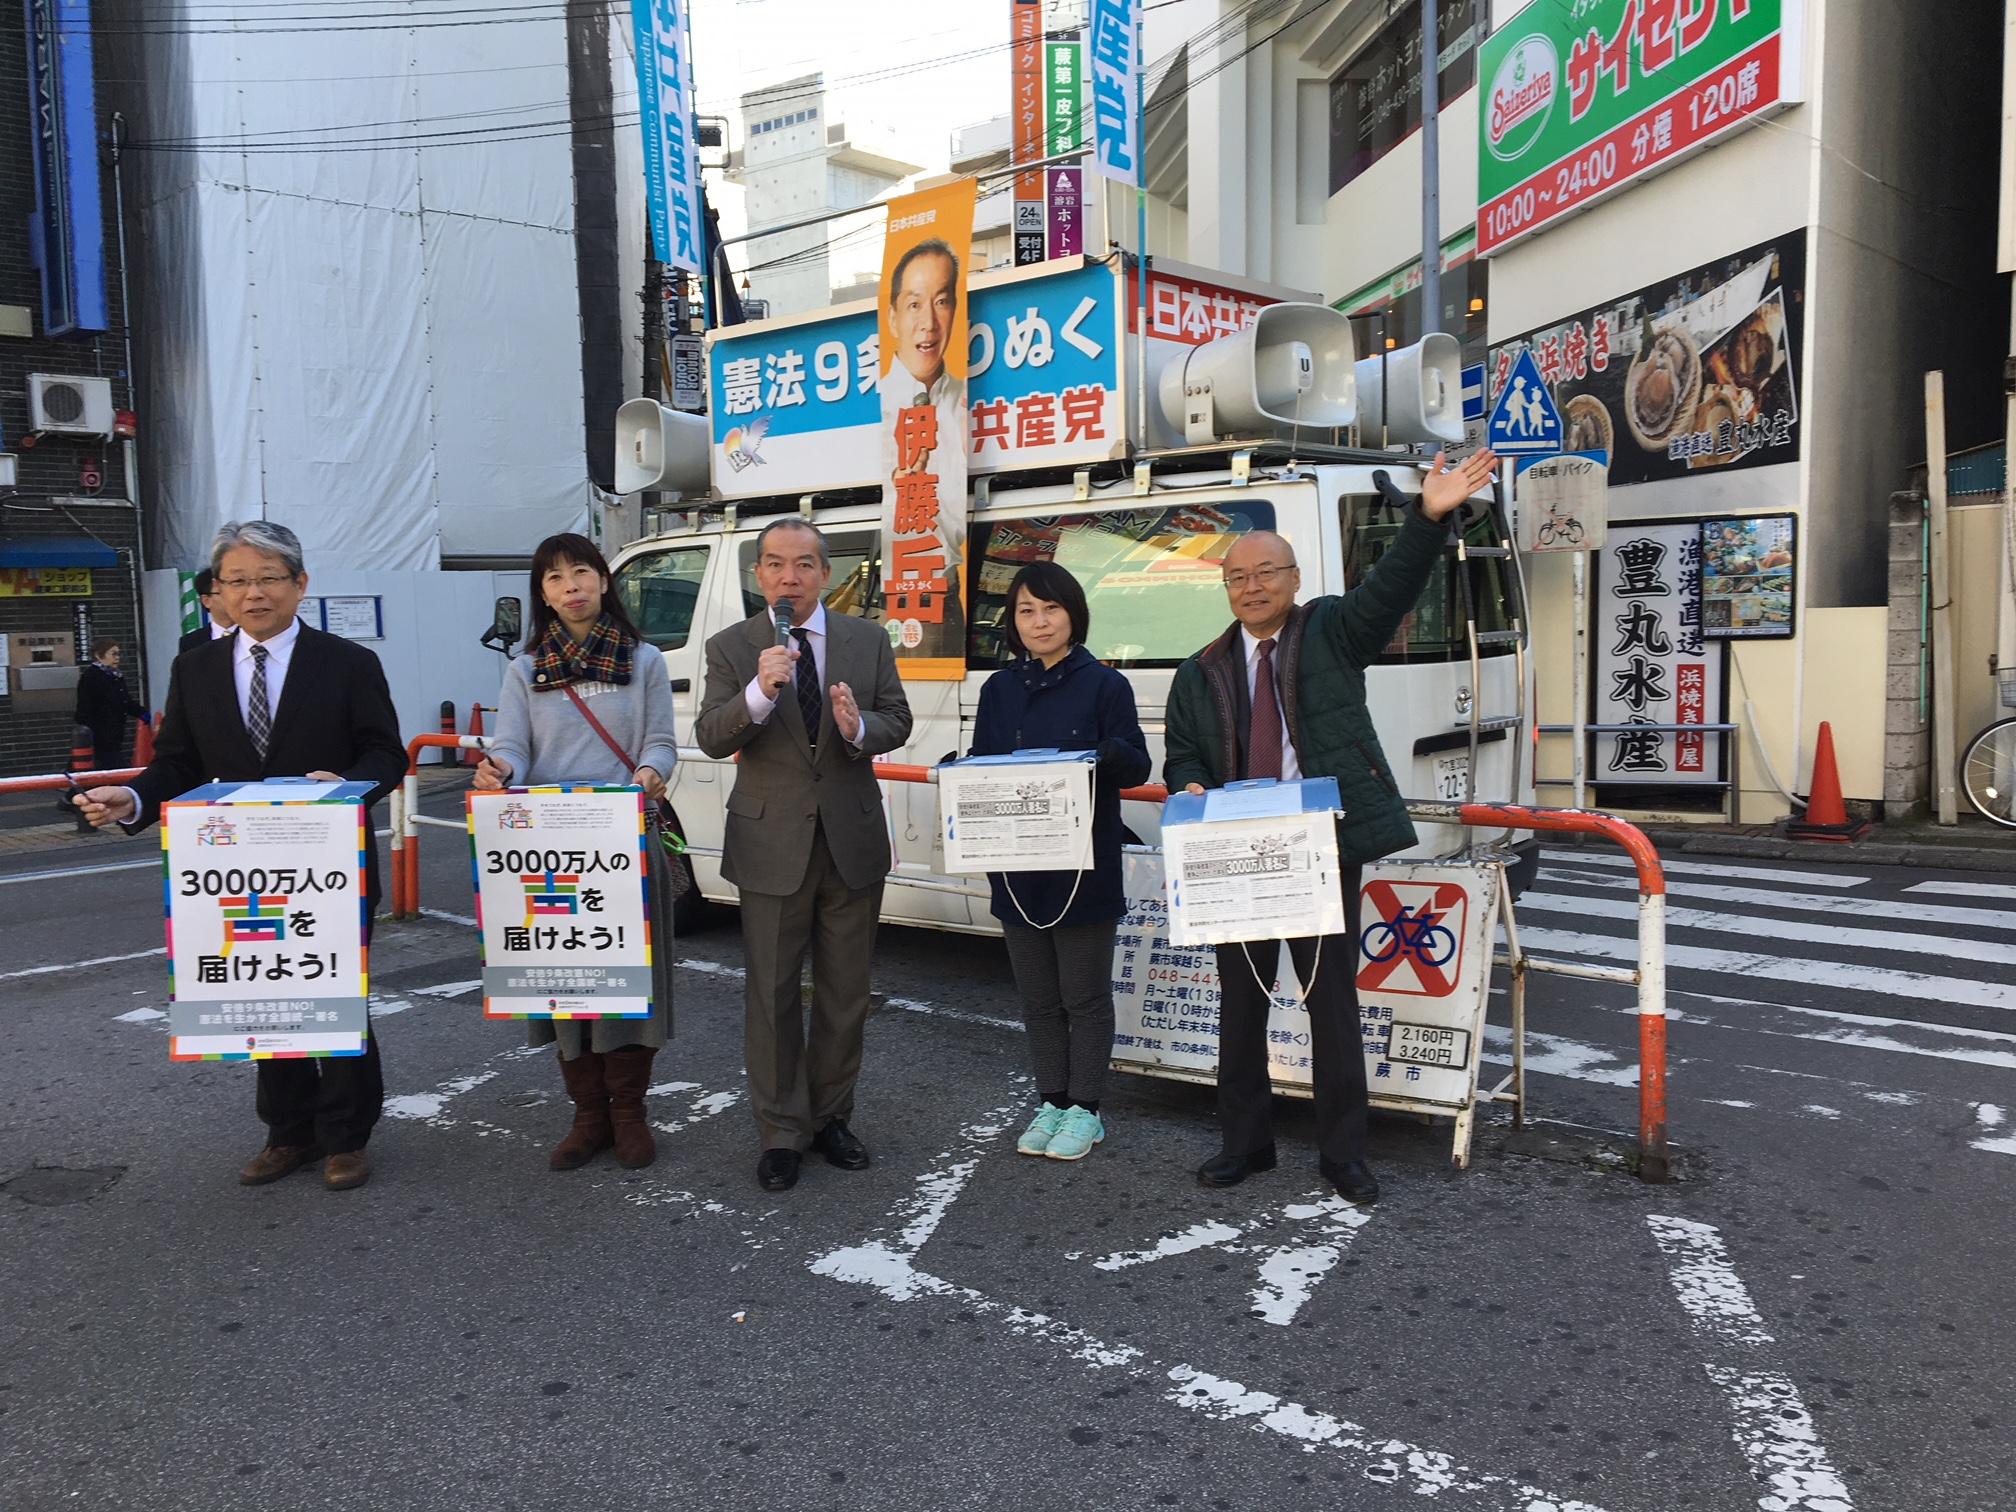 「9条守れ!」と訴える伊藤岳氏(写真真ん中)と党市議団